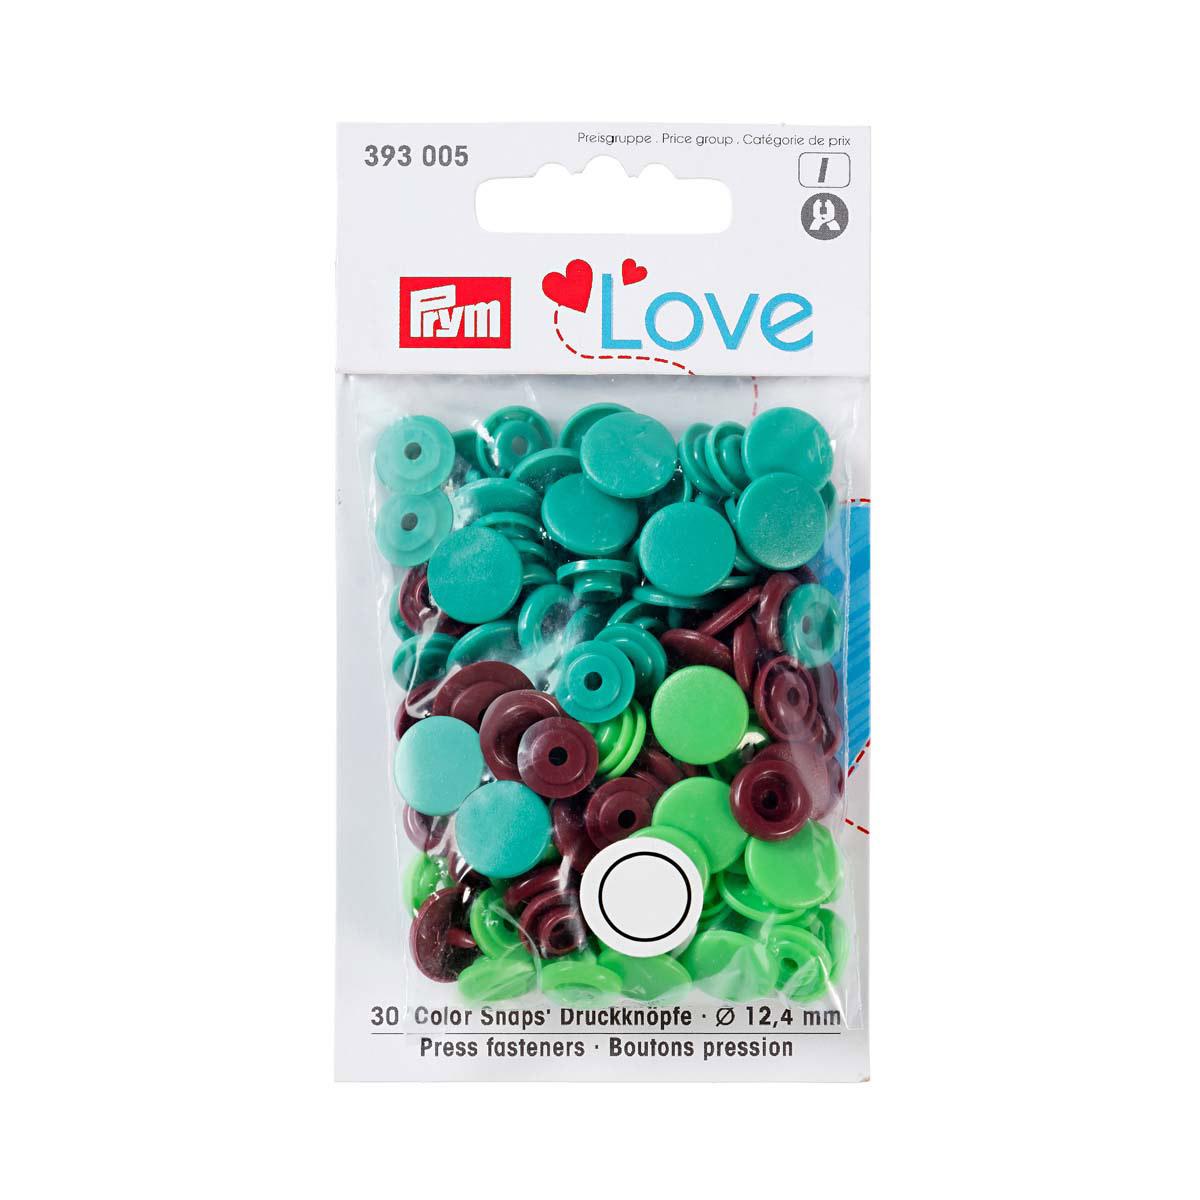 393005 Kнопки Color Snaps PrymLove, зеленый/коричневый цв., 12мм, 30шт Prym